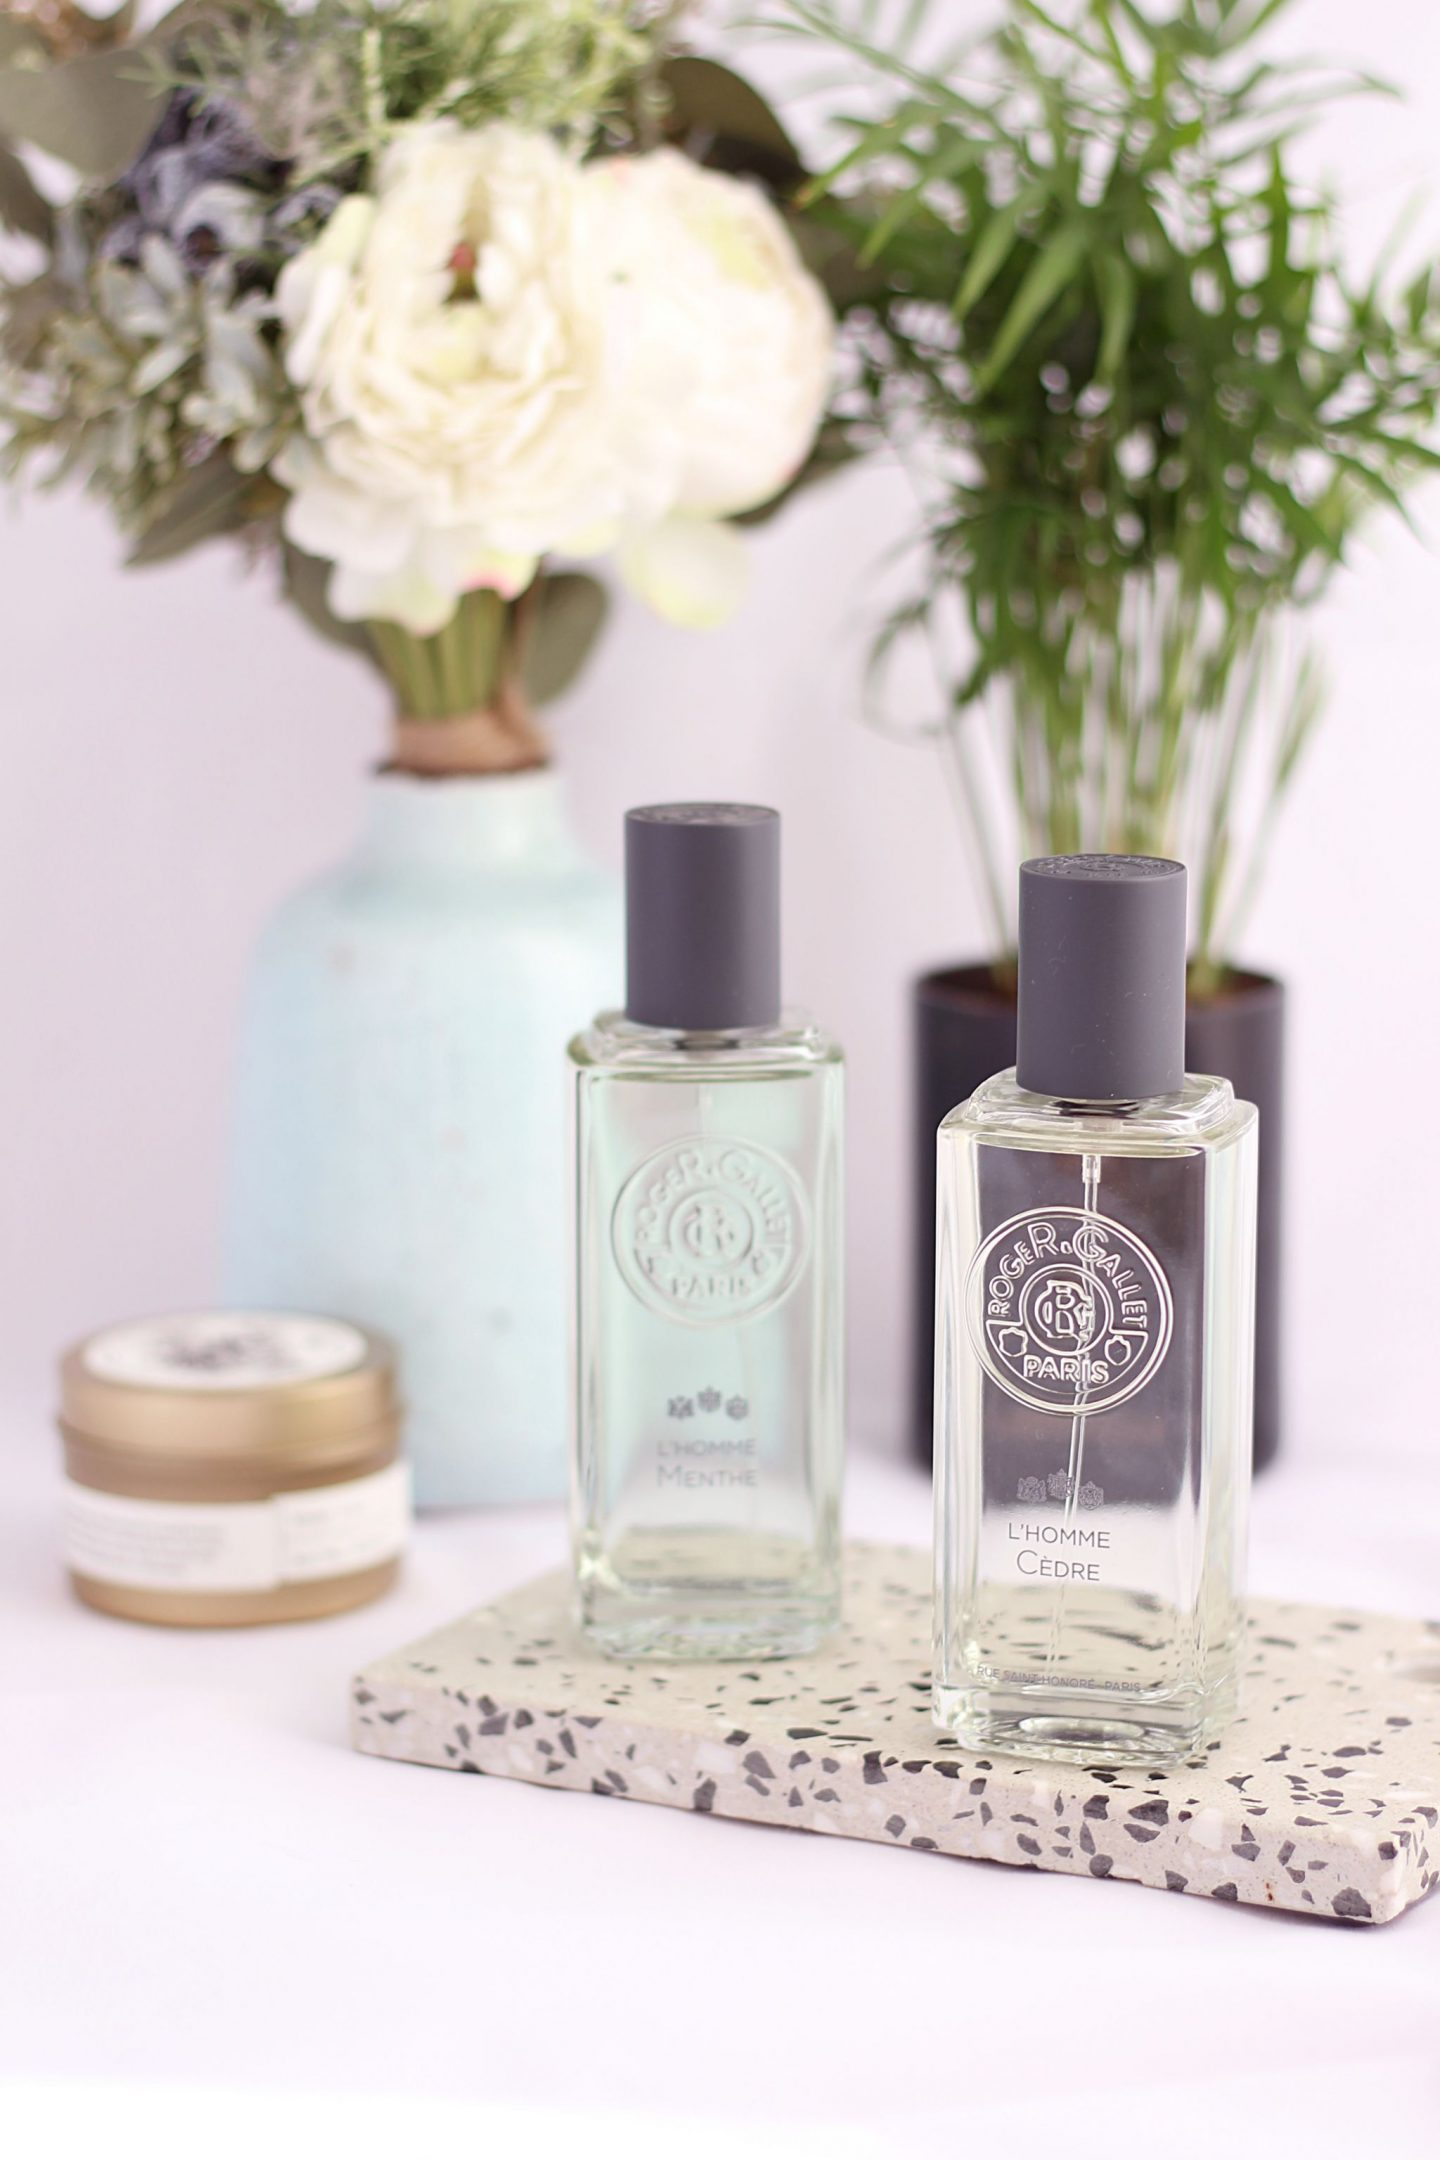 roger & gallet male fragrances